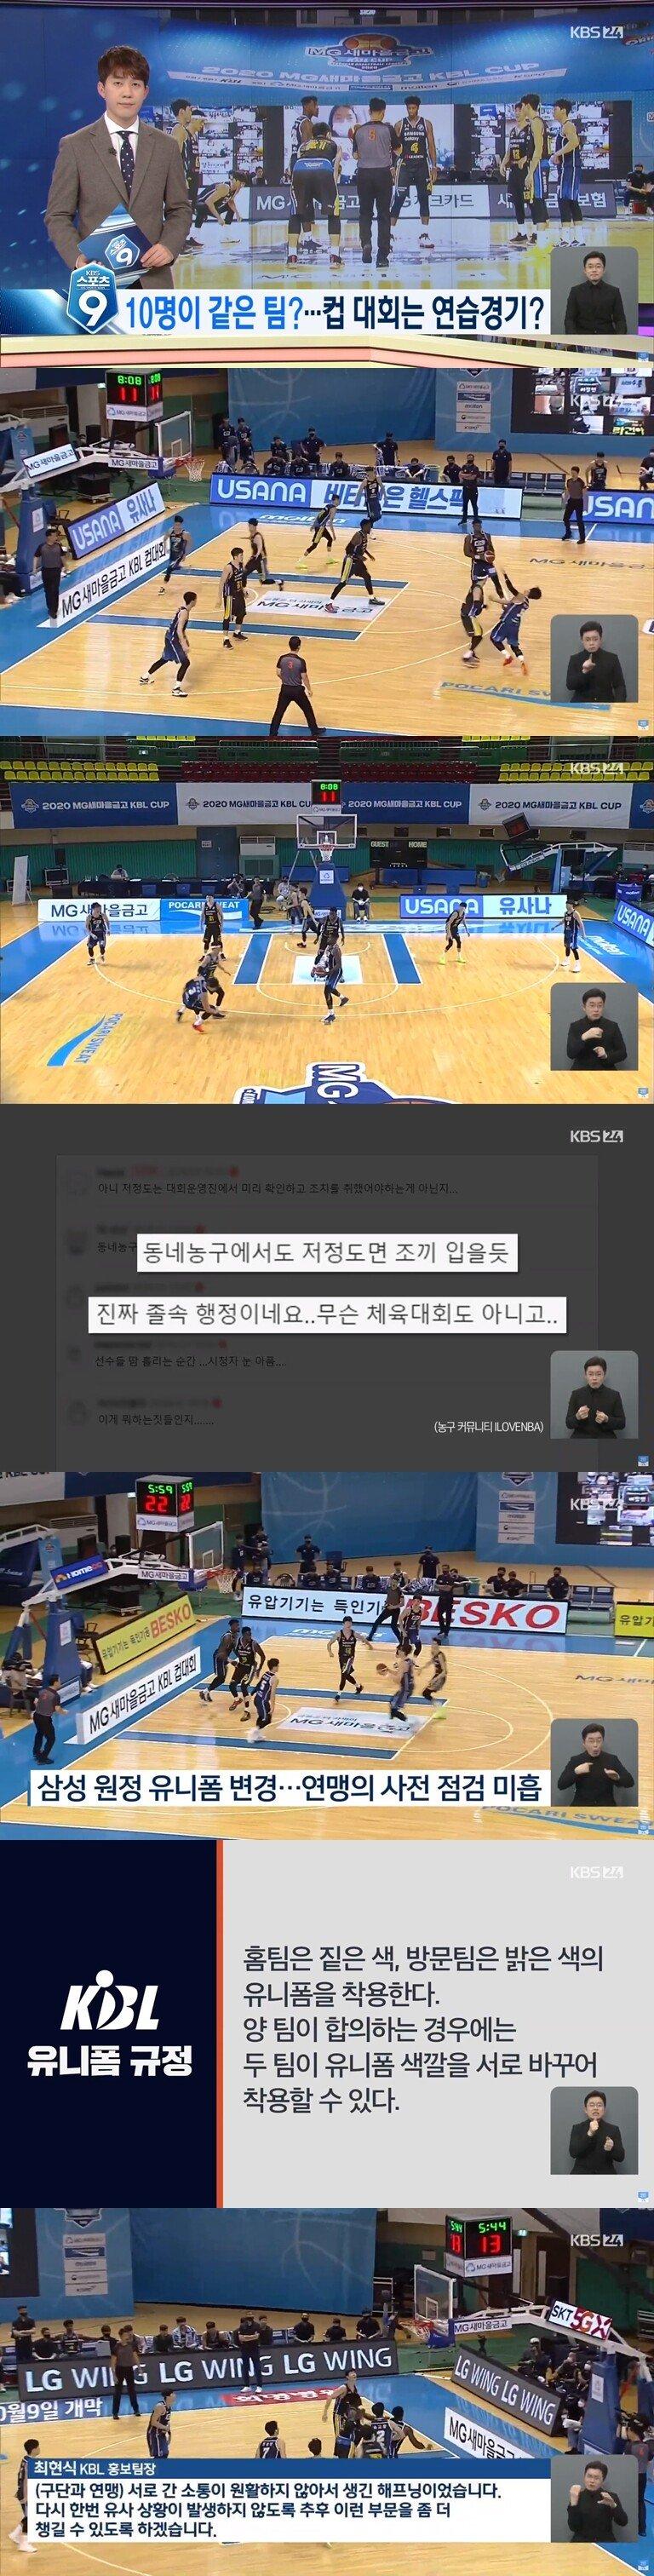 11.jpg 한국 프로 농구 근황.jpg